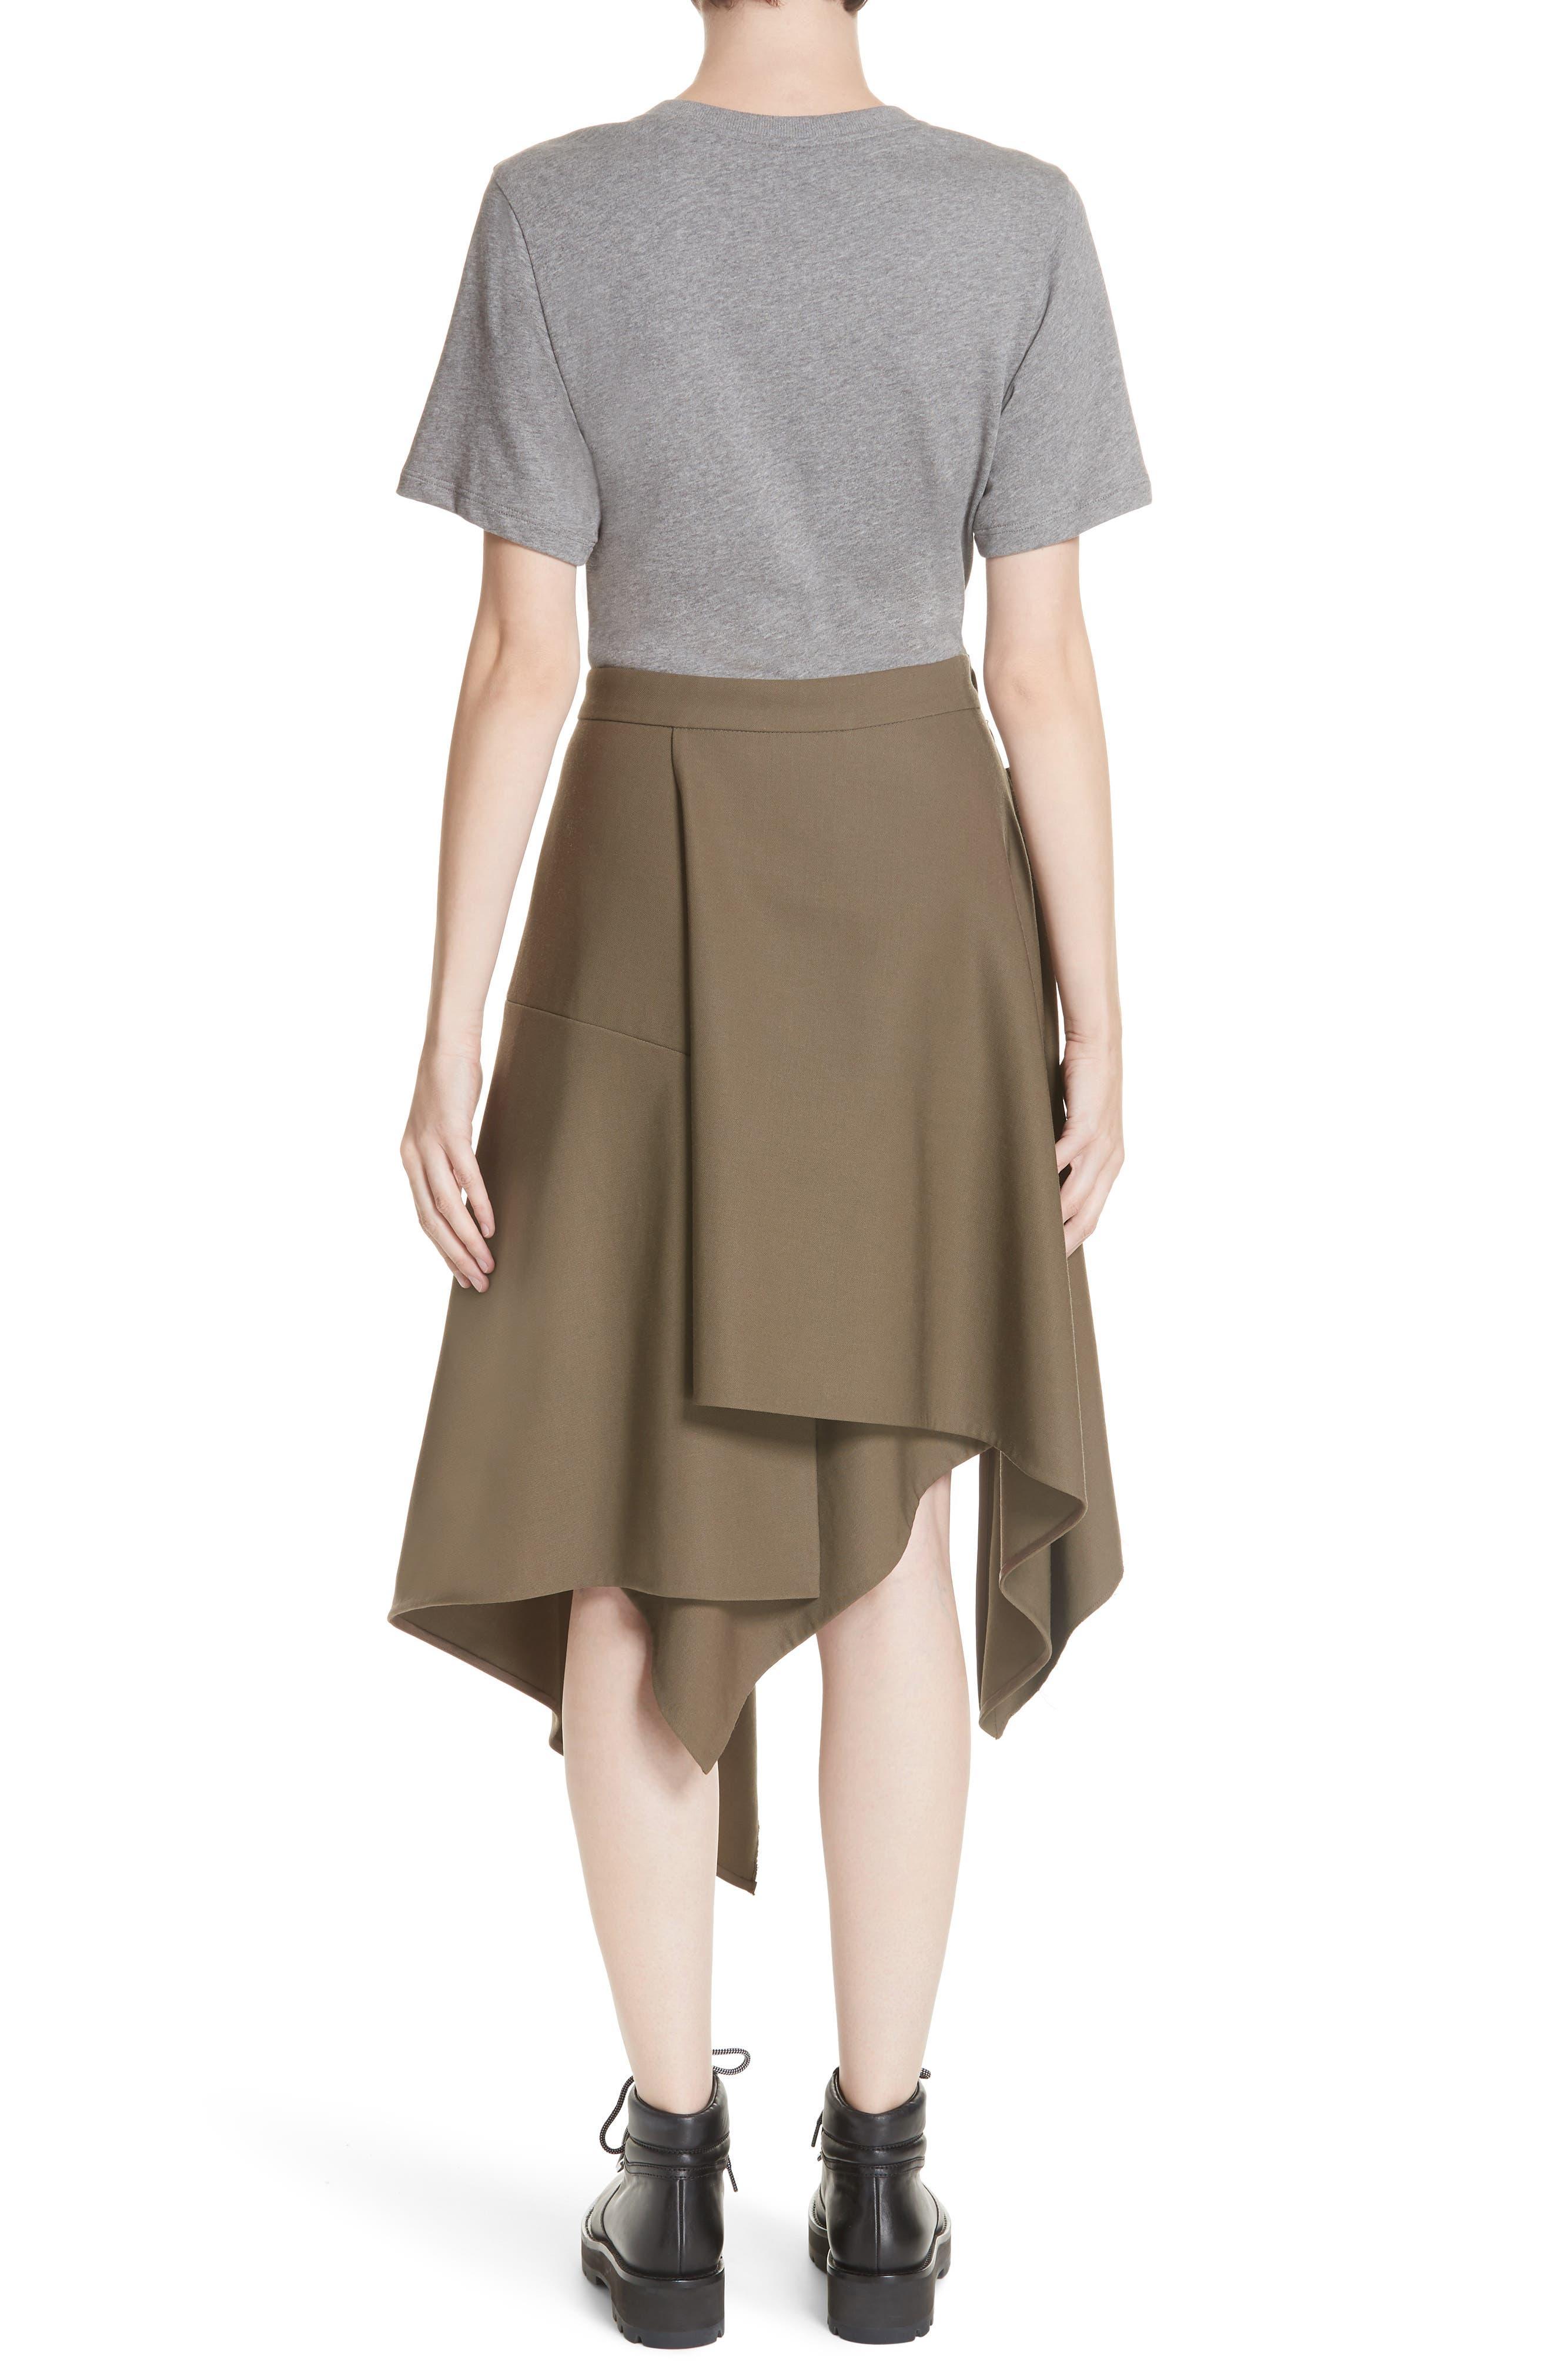 Mixed Media Wool & Cotton T-Shirt Dress,                             Alternate thumbnail 2, color,                             FIR GREEN